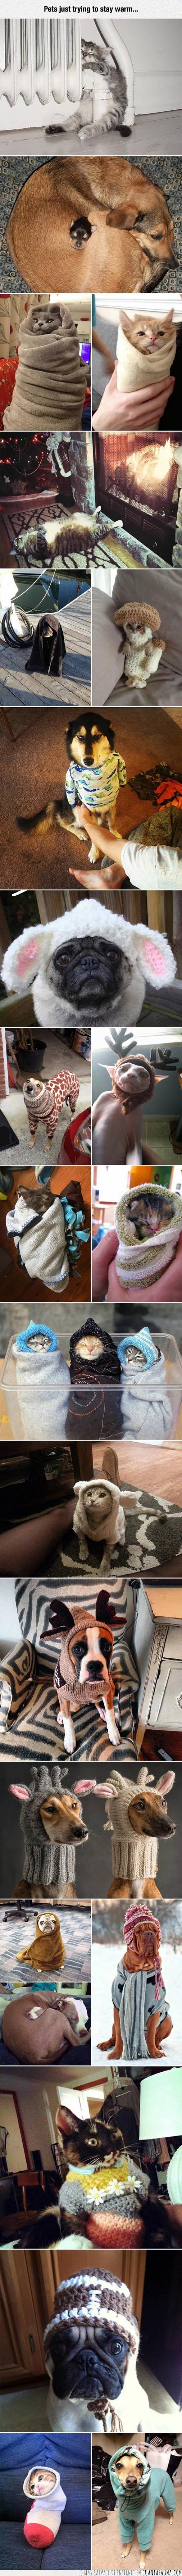 abrigar,abrigo,animales,caliente,frio,gato,genial,gorro,perro,tapar